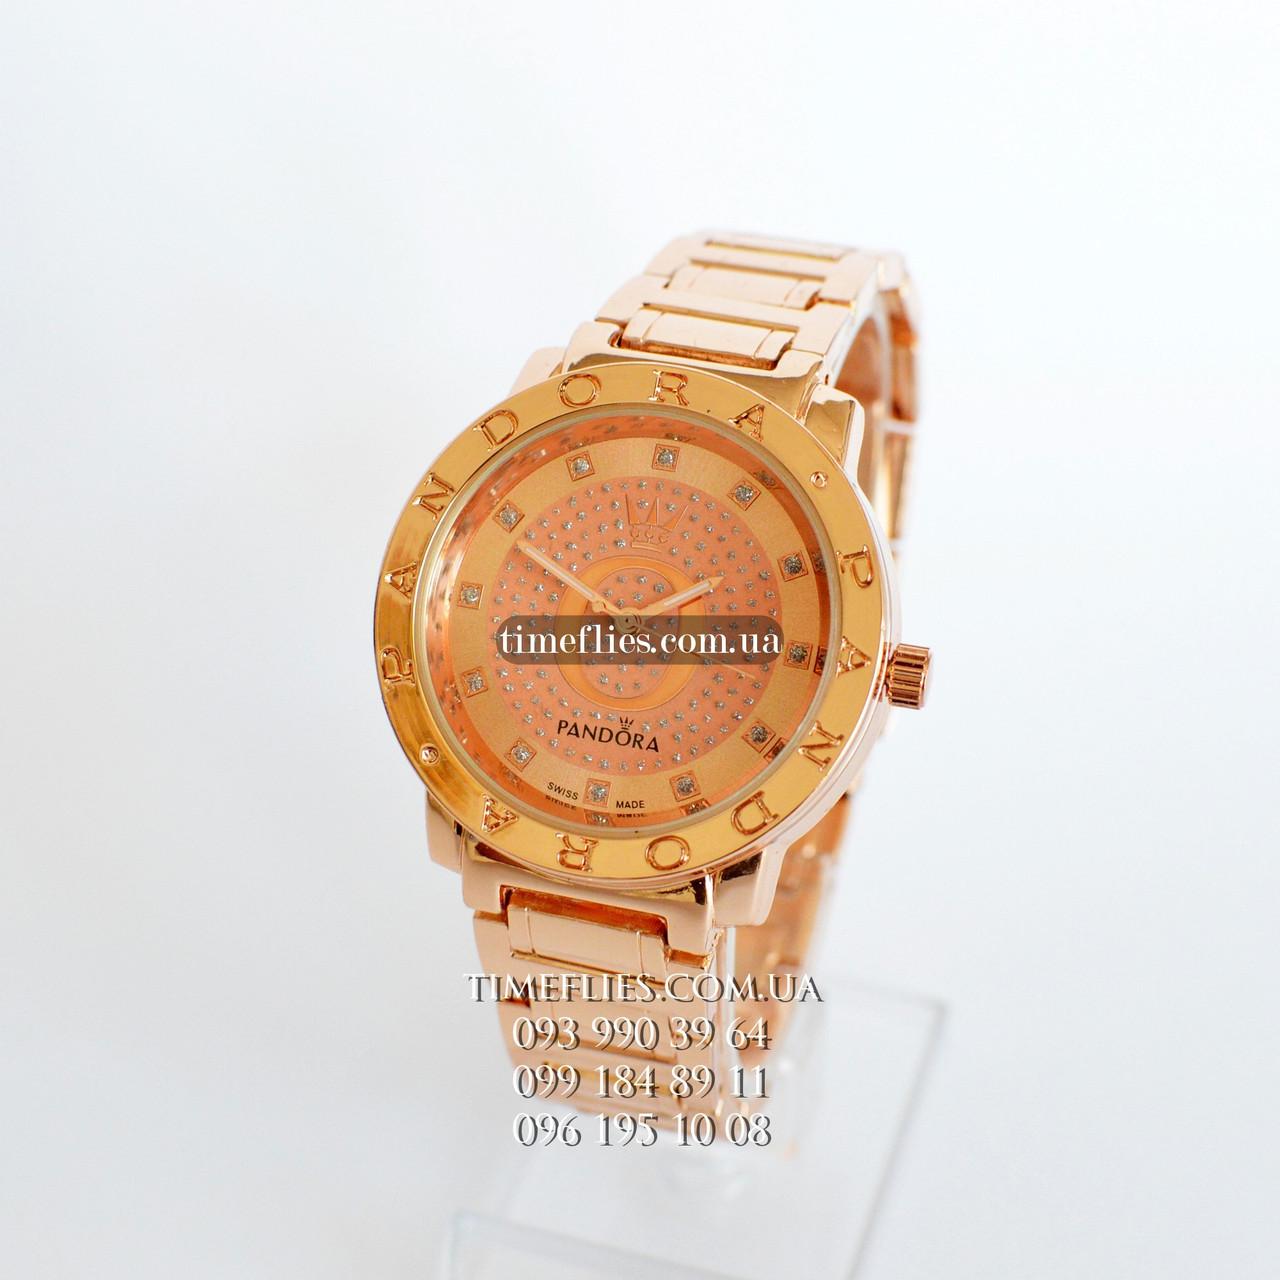 Pandora №21 Кварцевые женские часы